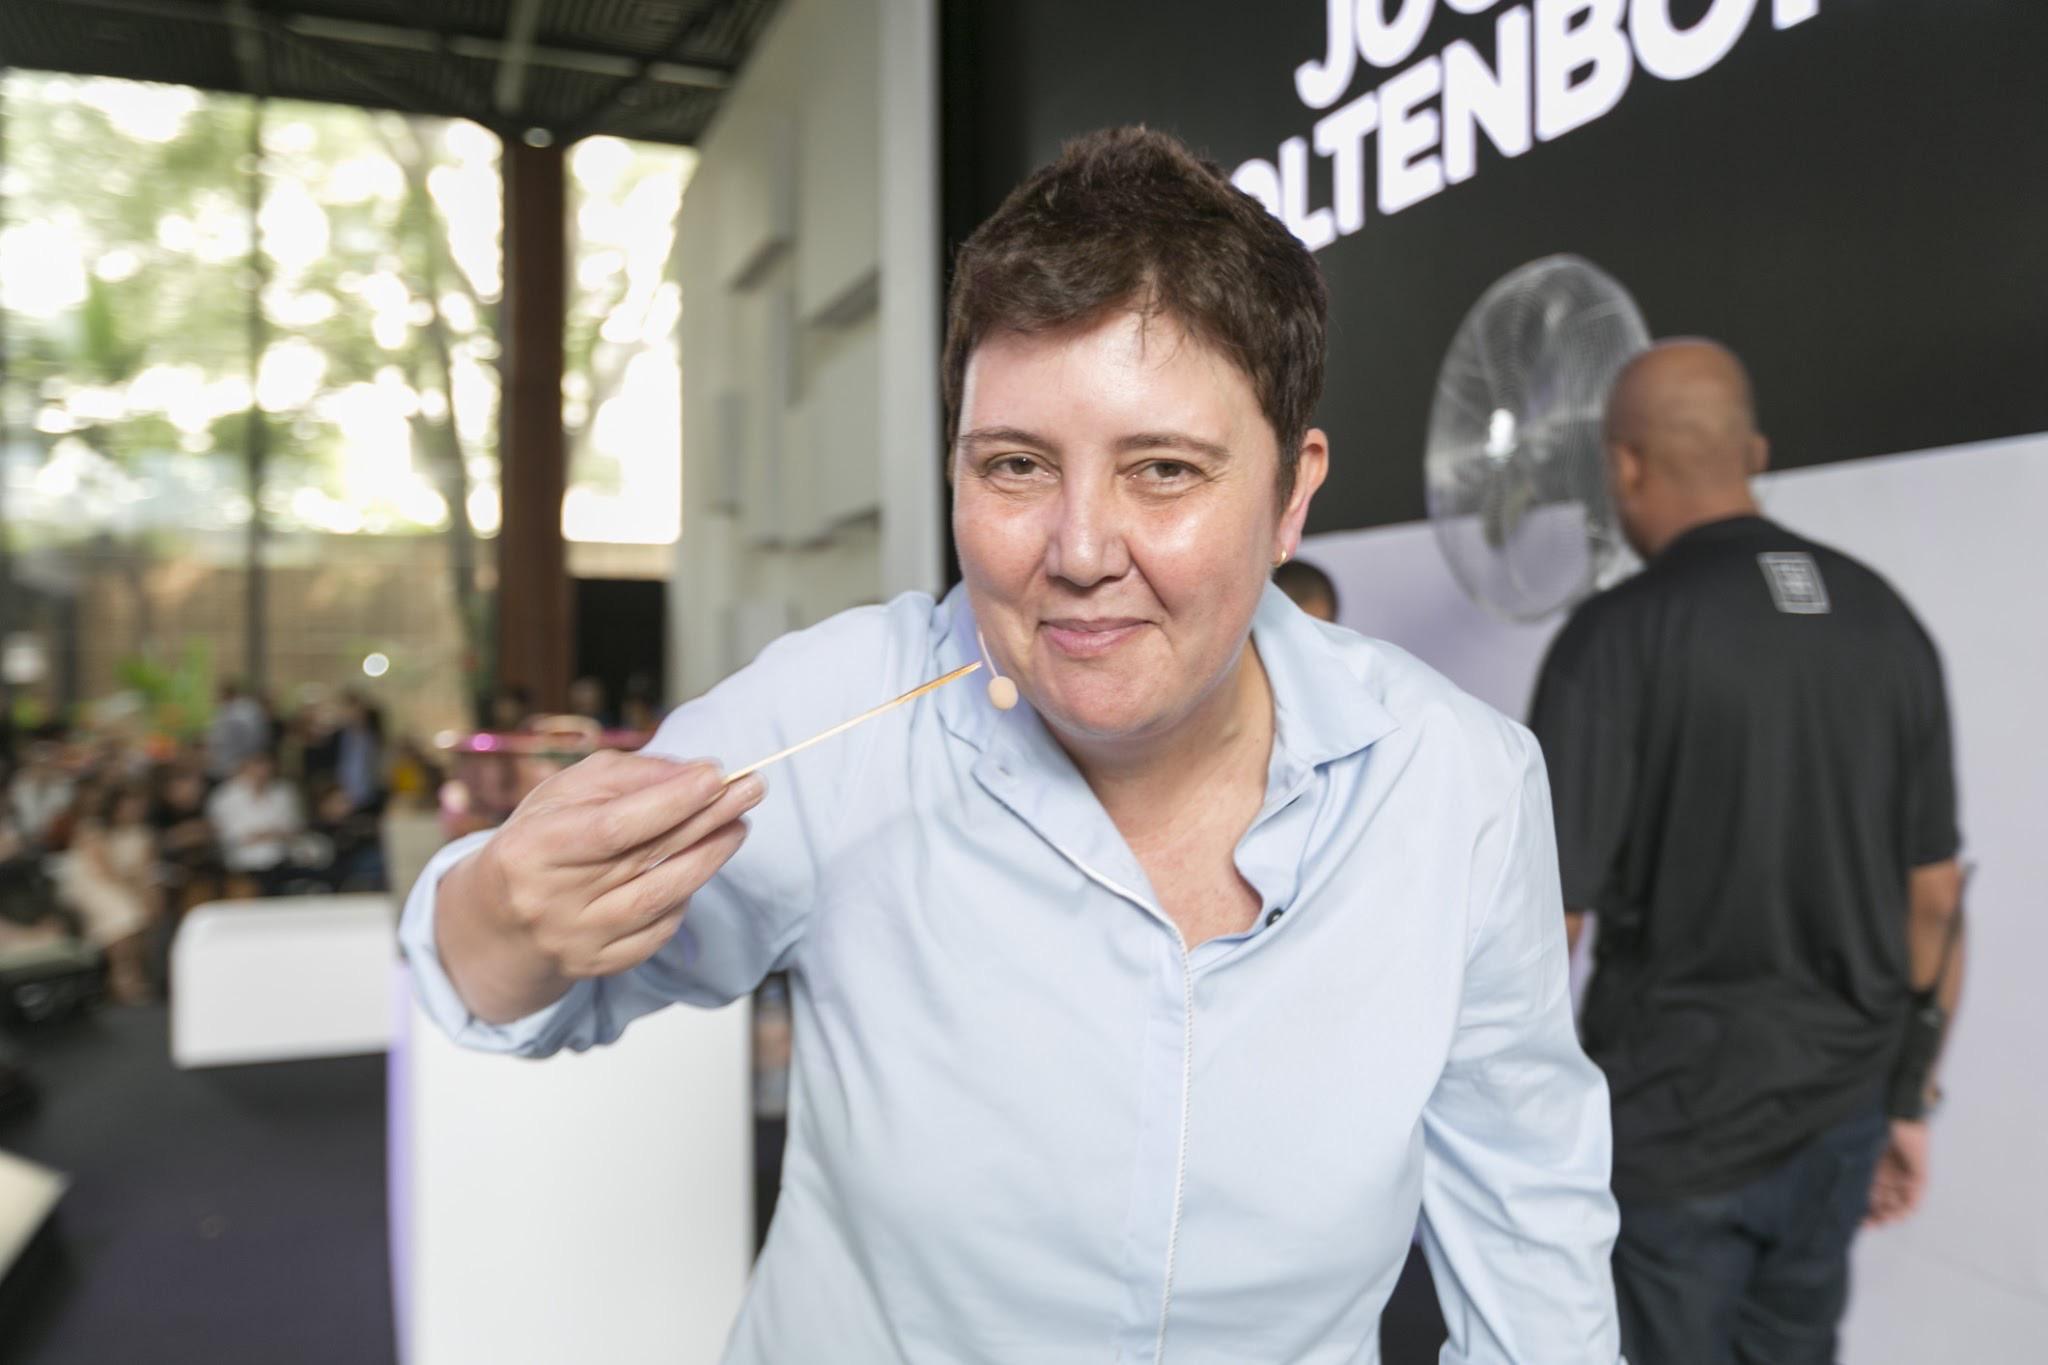 Chef Roberta Sudbrack